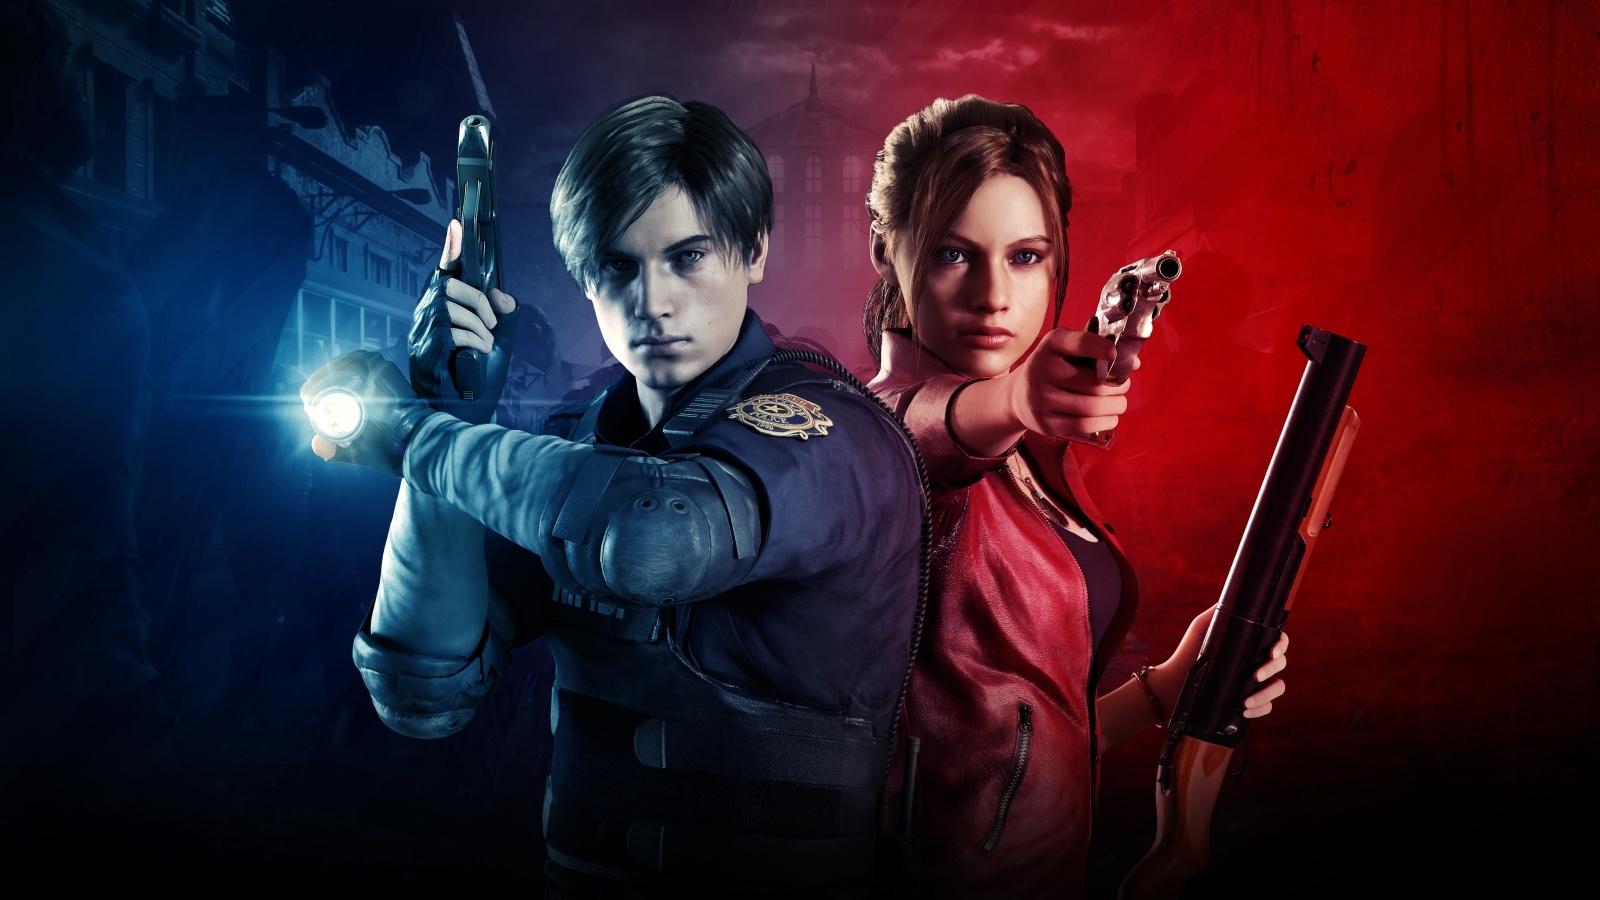 СМИ: в сериале по Resident Evil от Netflix будет8 эпизодов по 60 минут